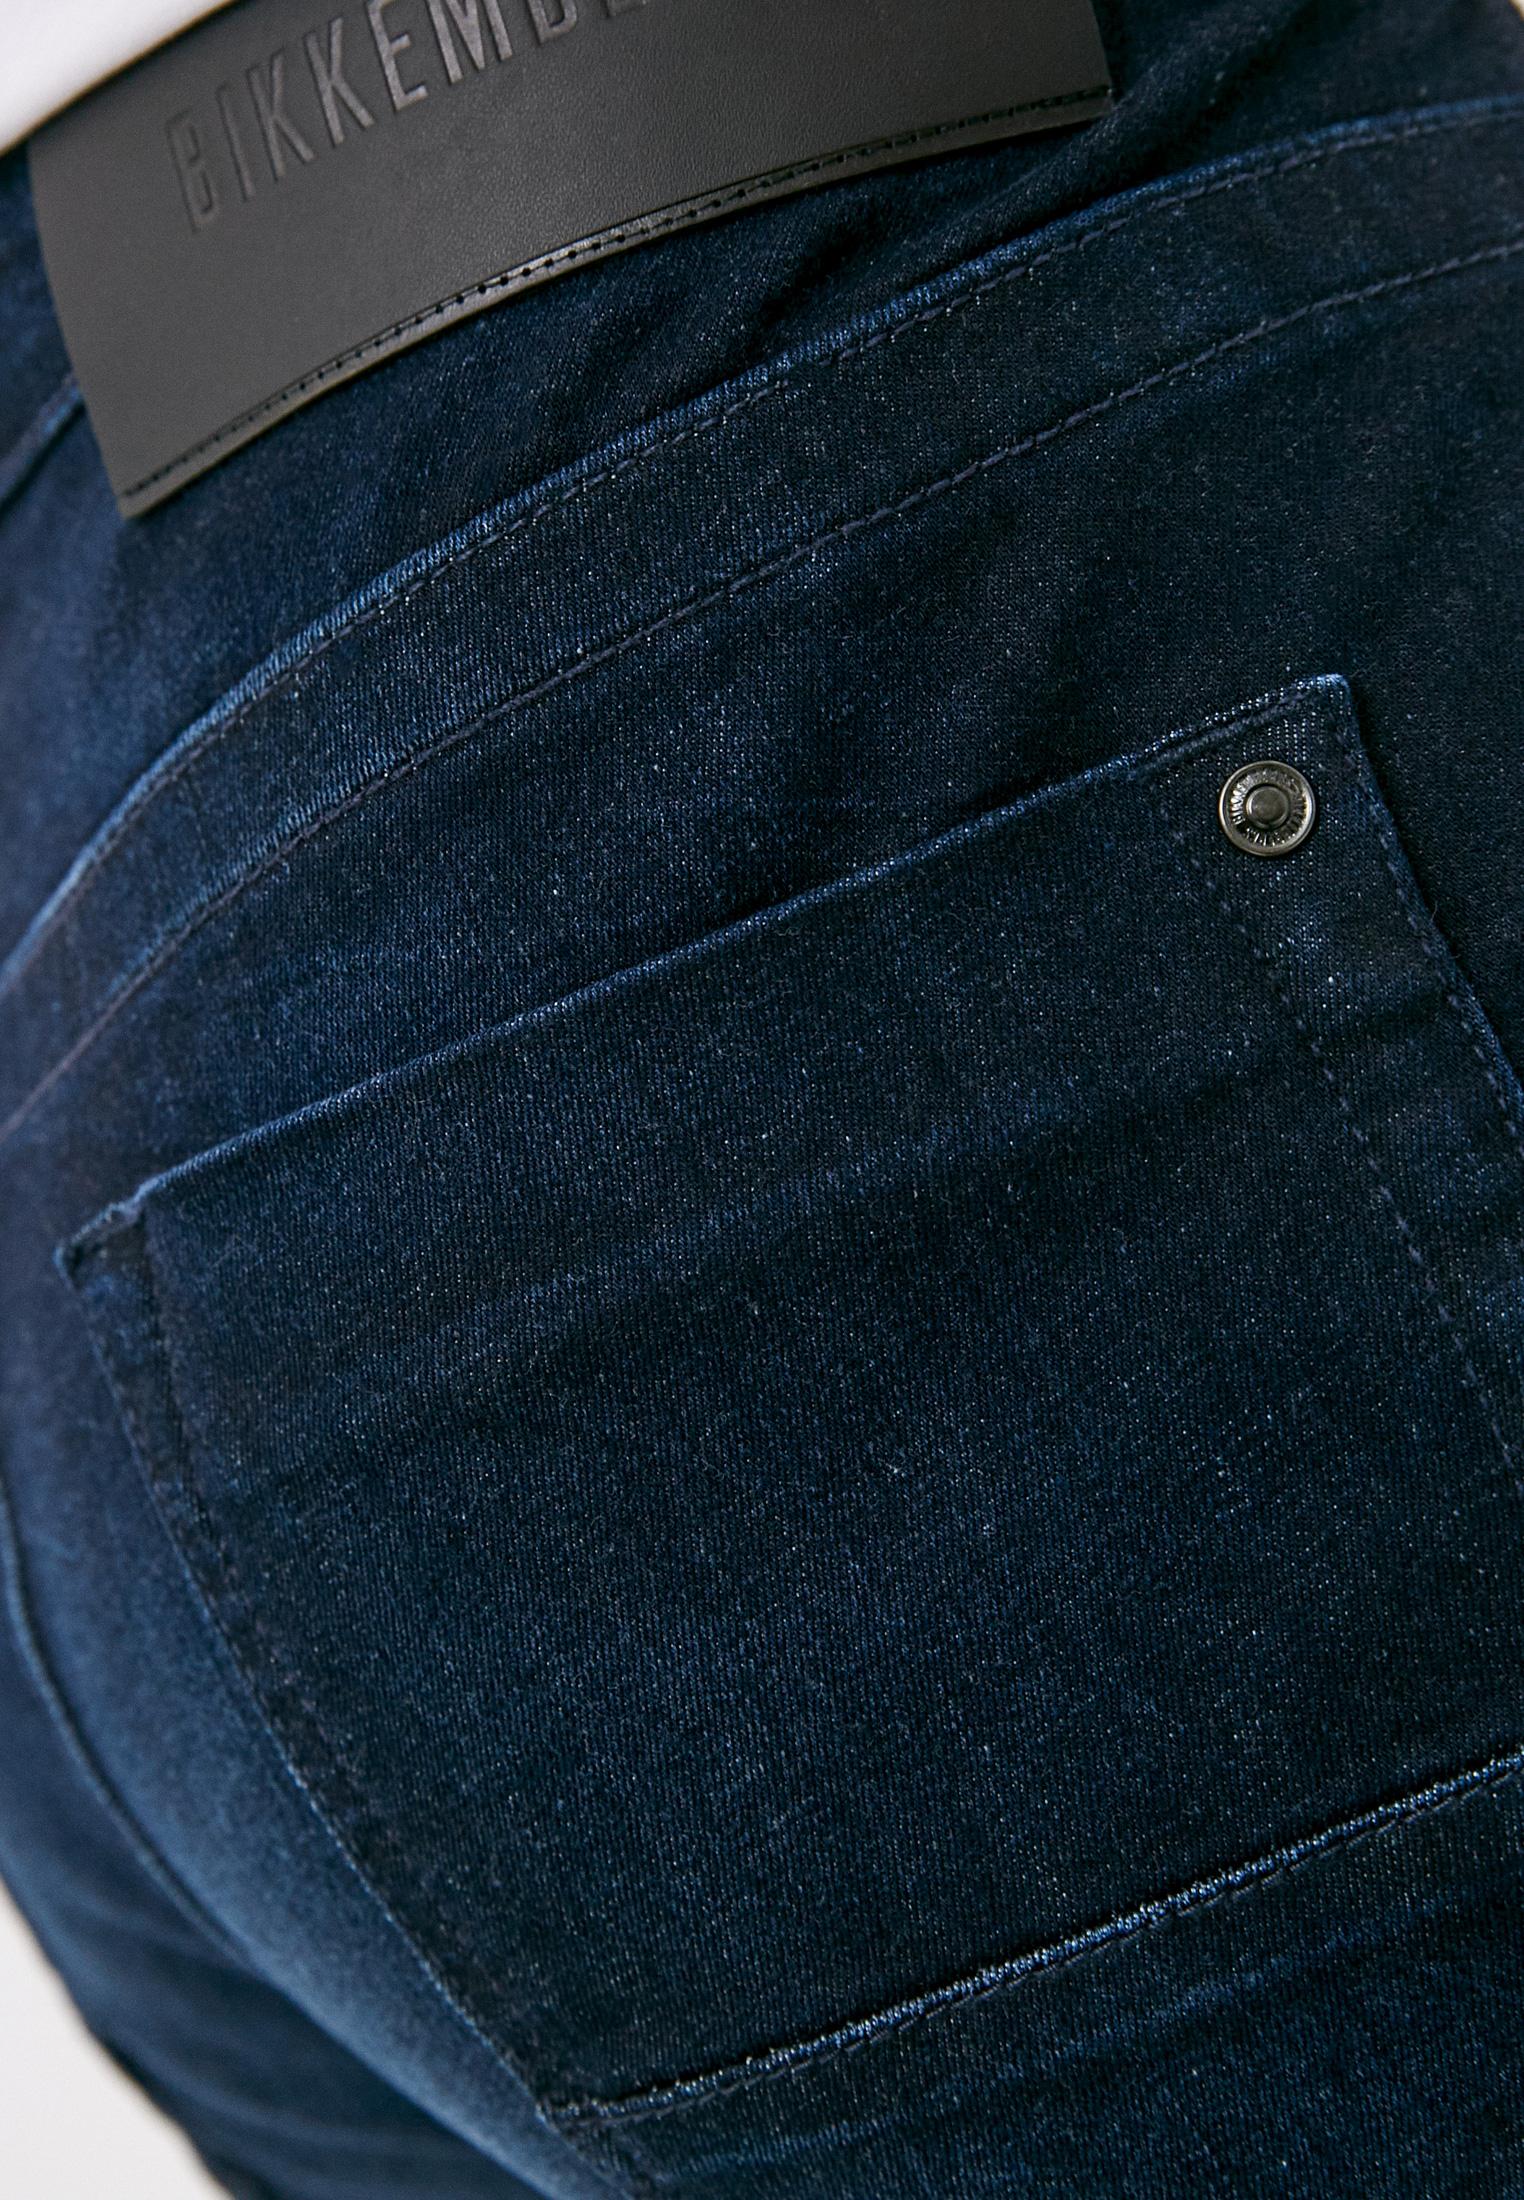 Мужские прямые джинсы Bikkembergs (Биккембергс) C Q 102 22 S 3511: изображение 5